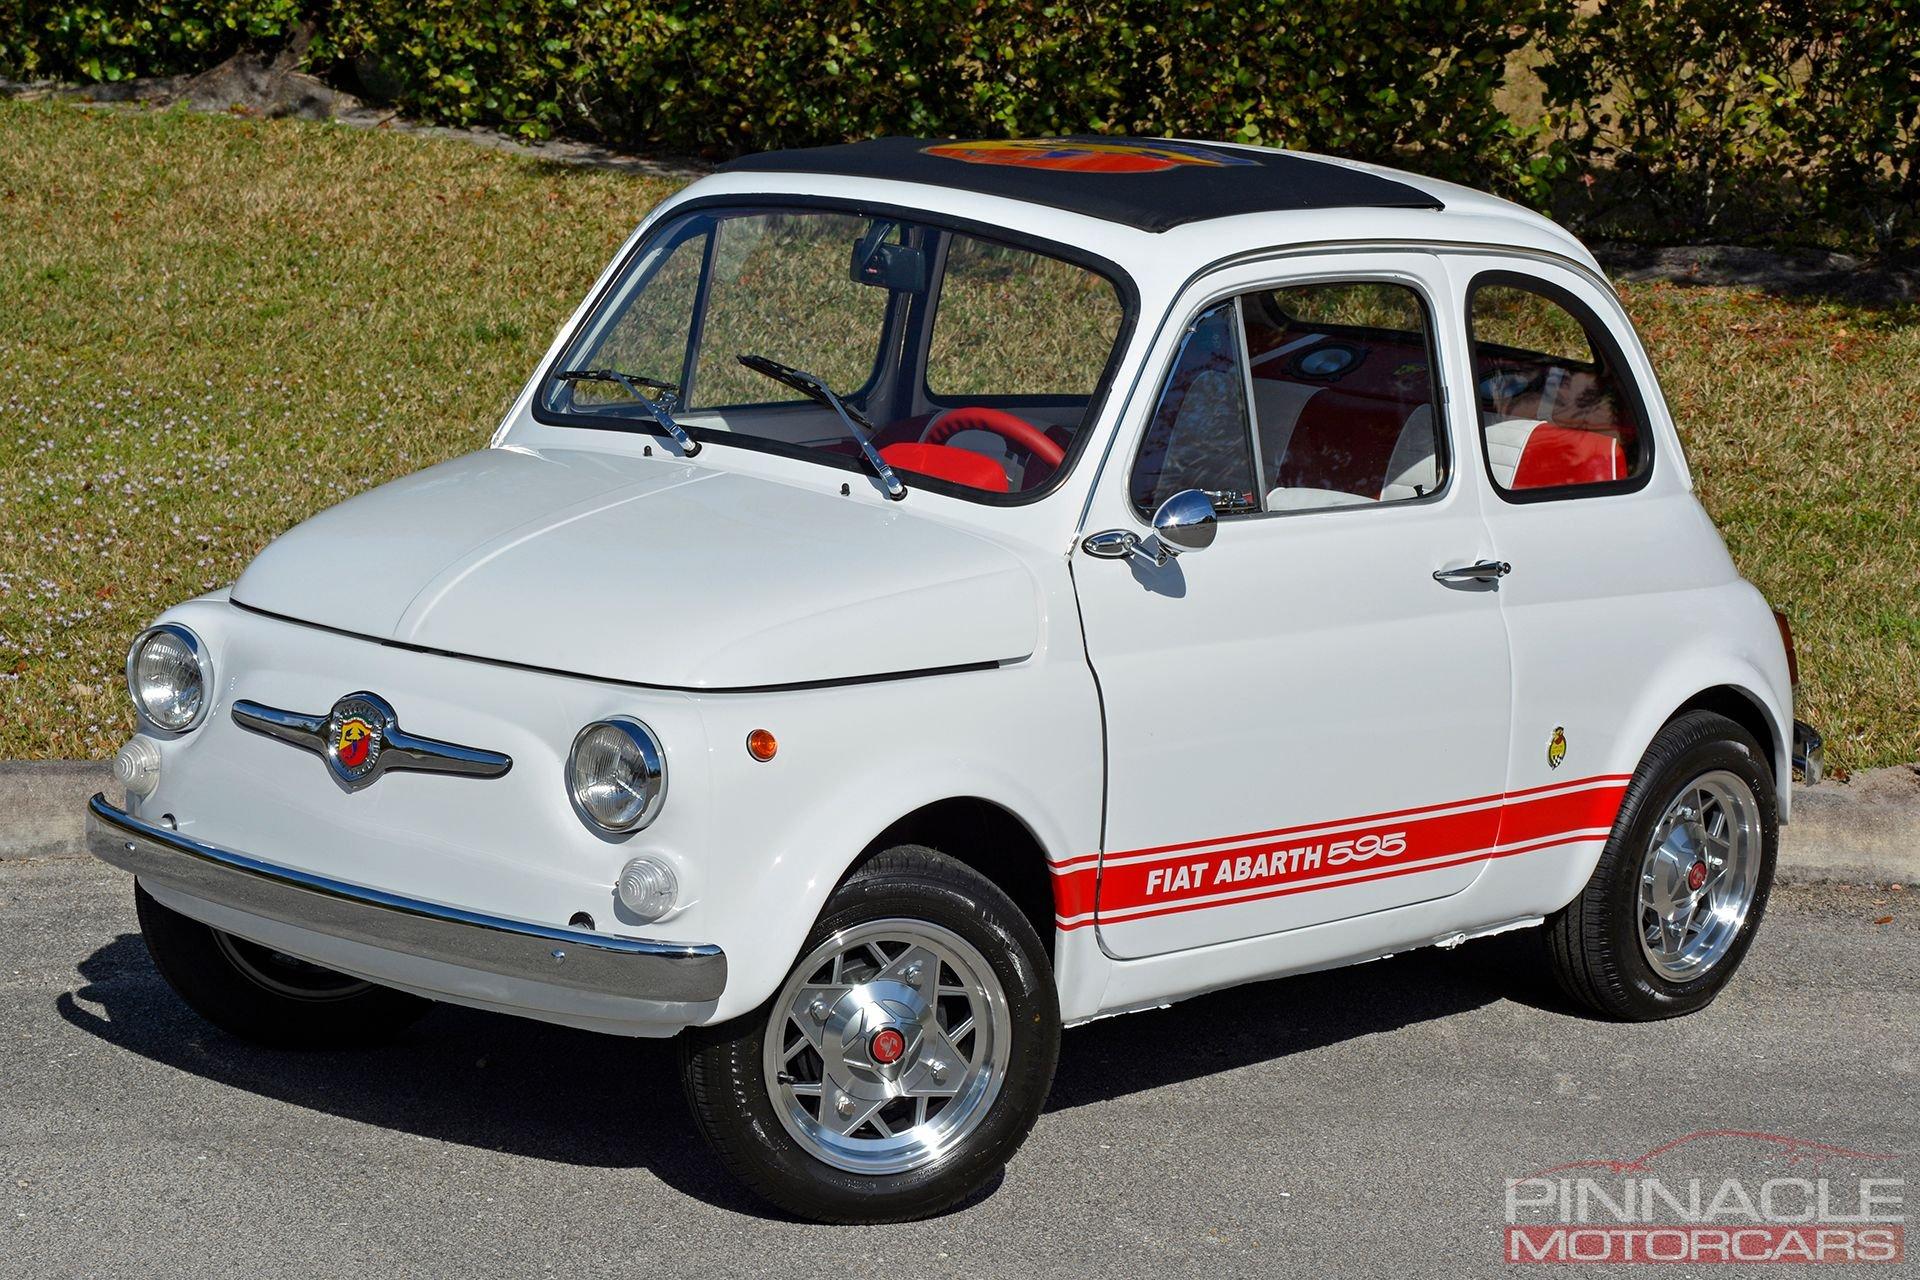 1974 Fiat 595 Aberth